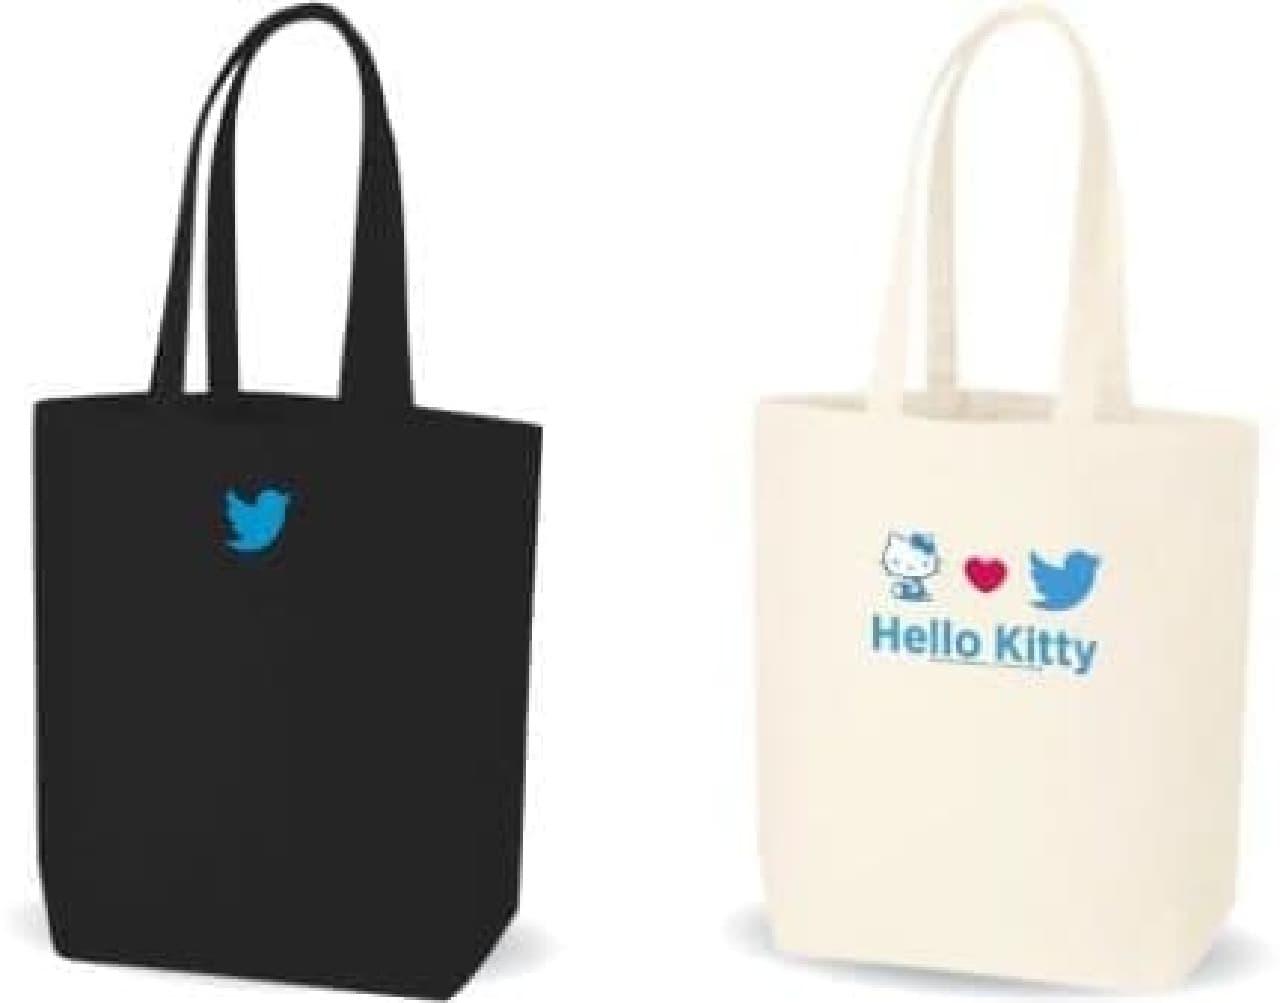 Twitter社のロゴをデザインしたセブン‐イレブンオリジナル商品